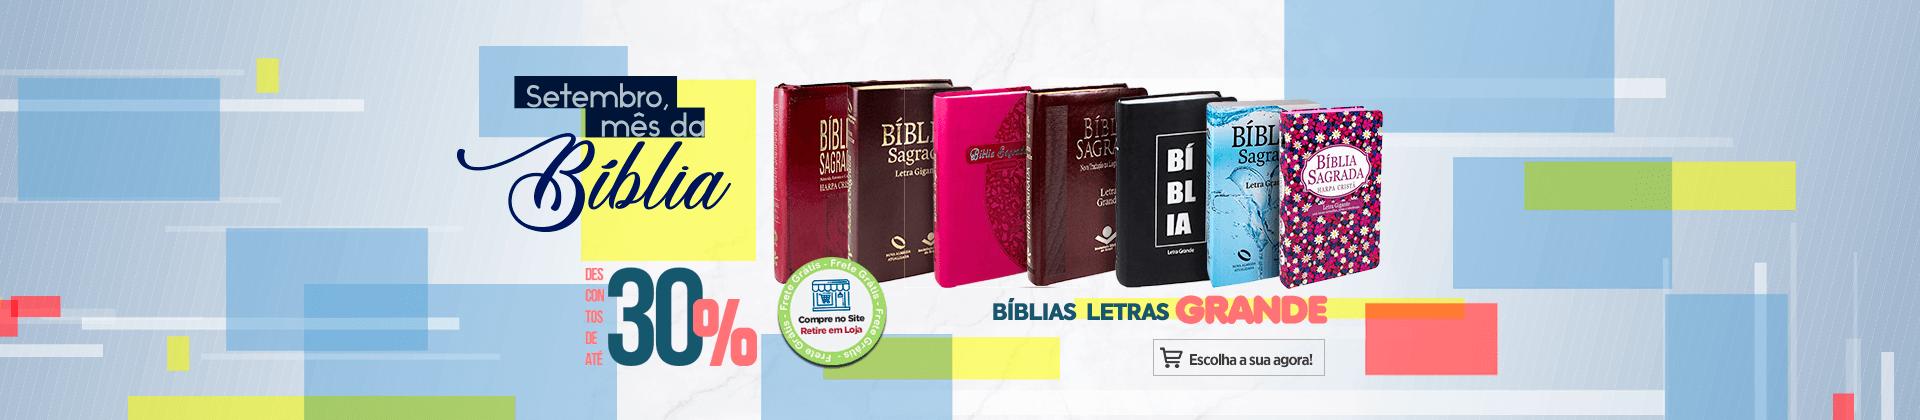 Mês da Bíblia - Letras Grandes